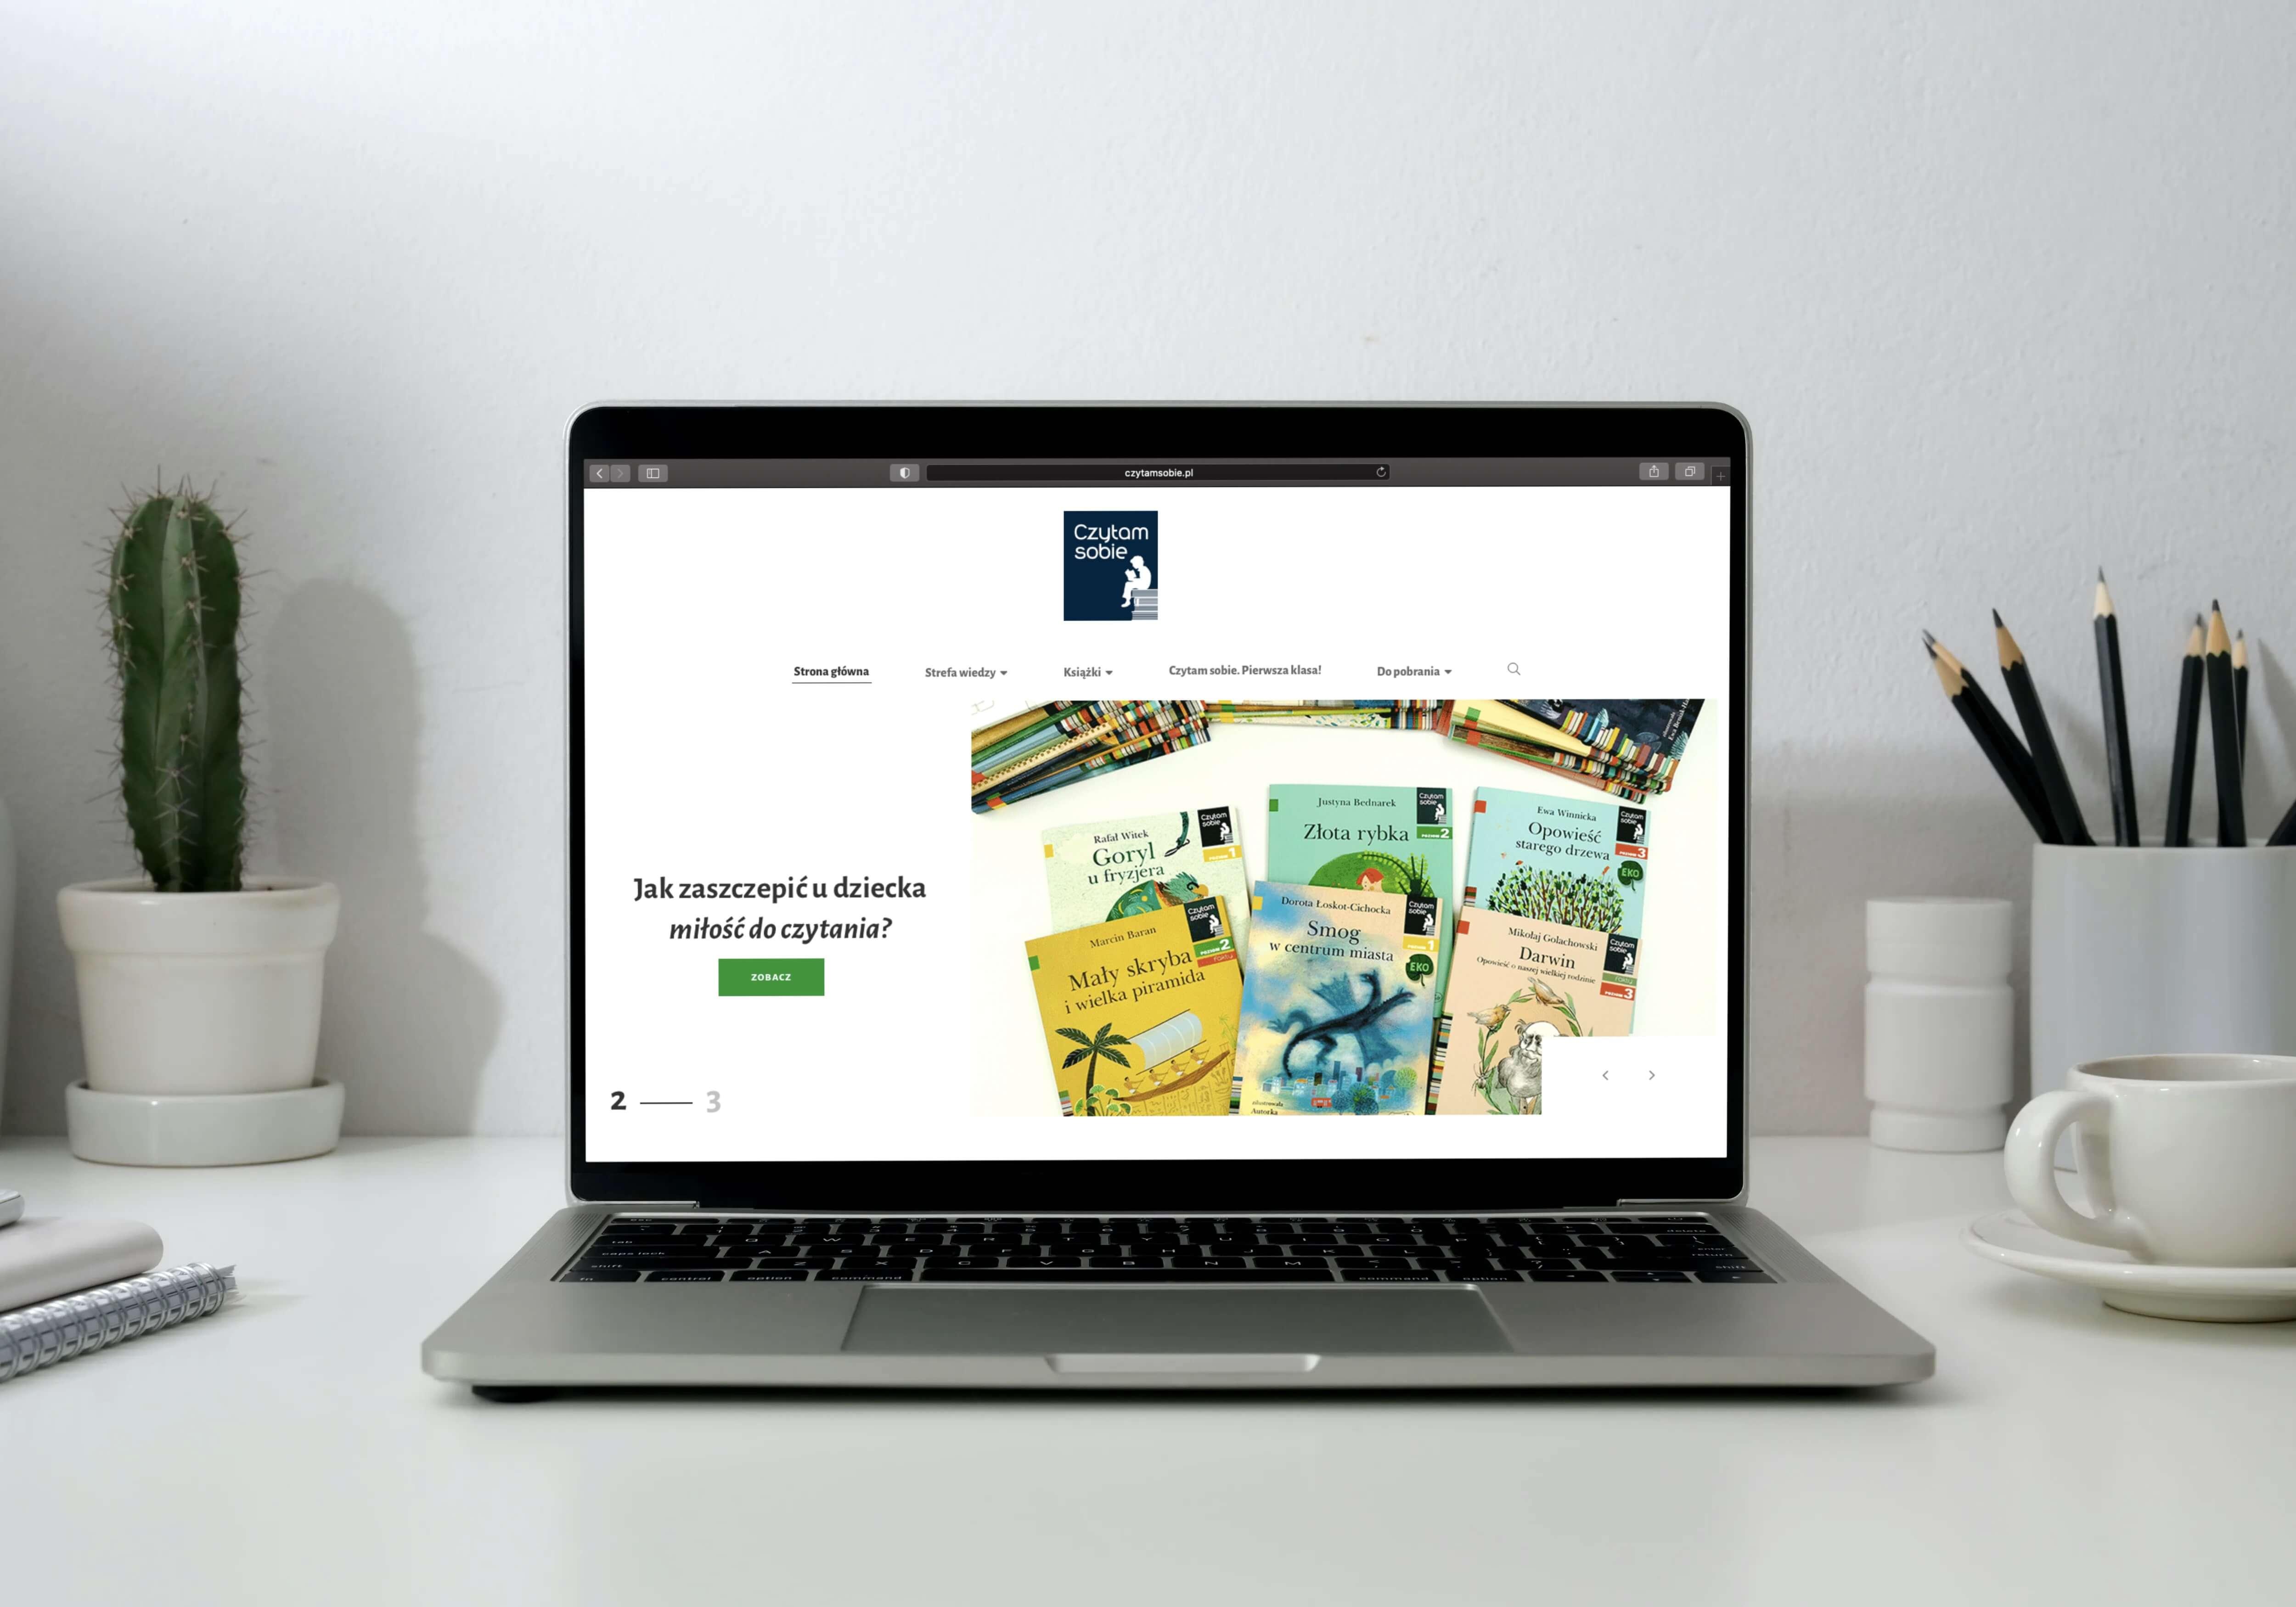 portal czytamsobie.pl na ekranie laptopa